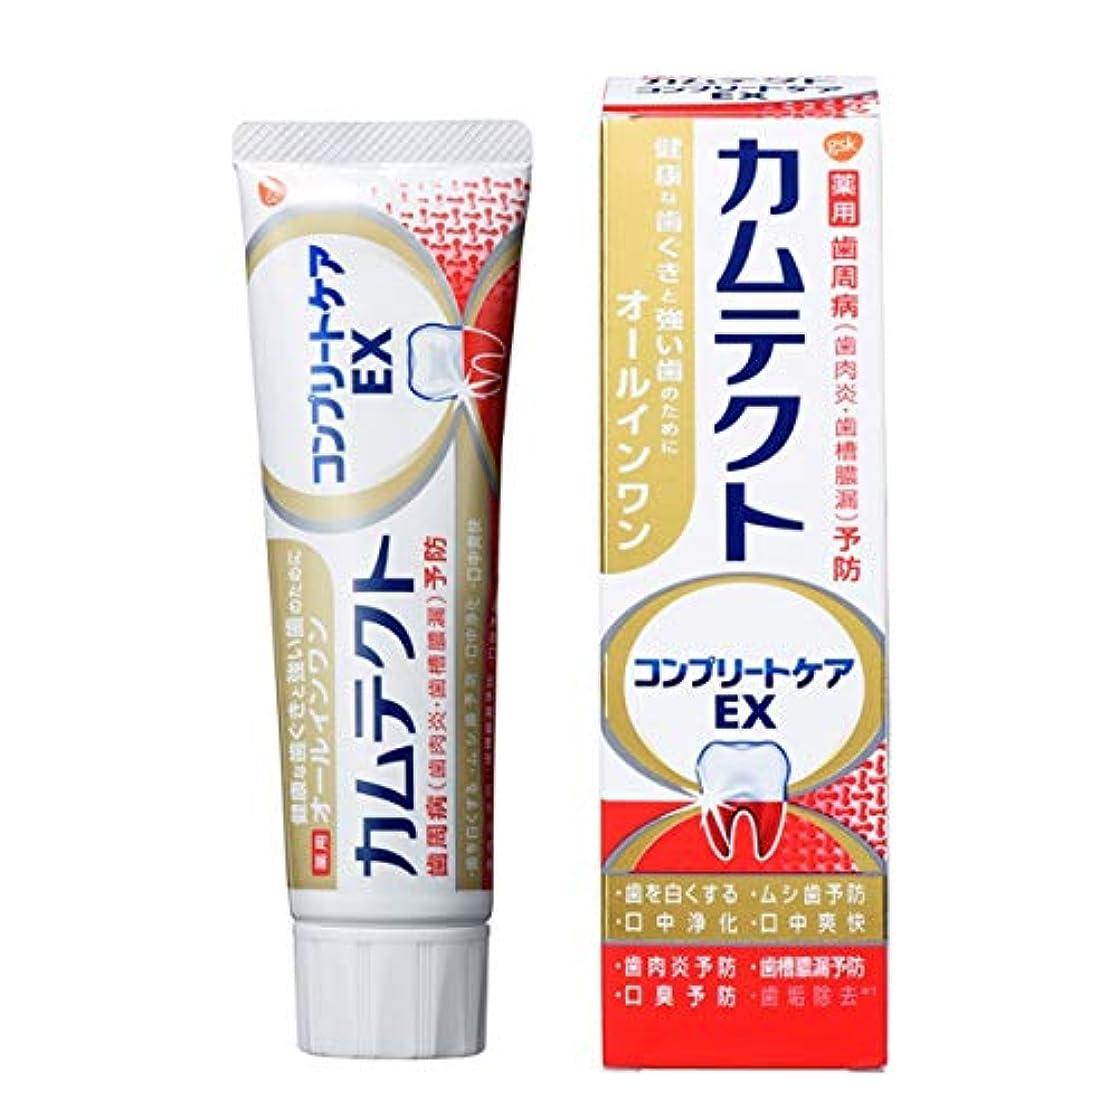 ストライクこしょう純度カムテクト コンプリートケアEX 歯周病(歯肉炎?歯槽膿漏) 予防 歯磨き粉 105g